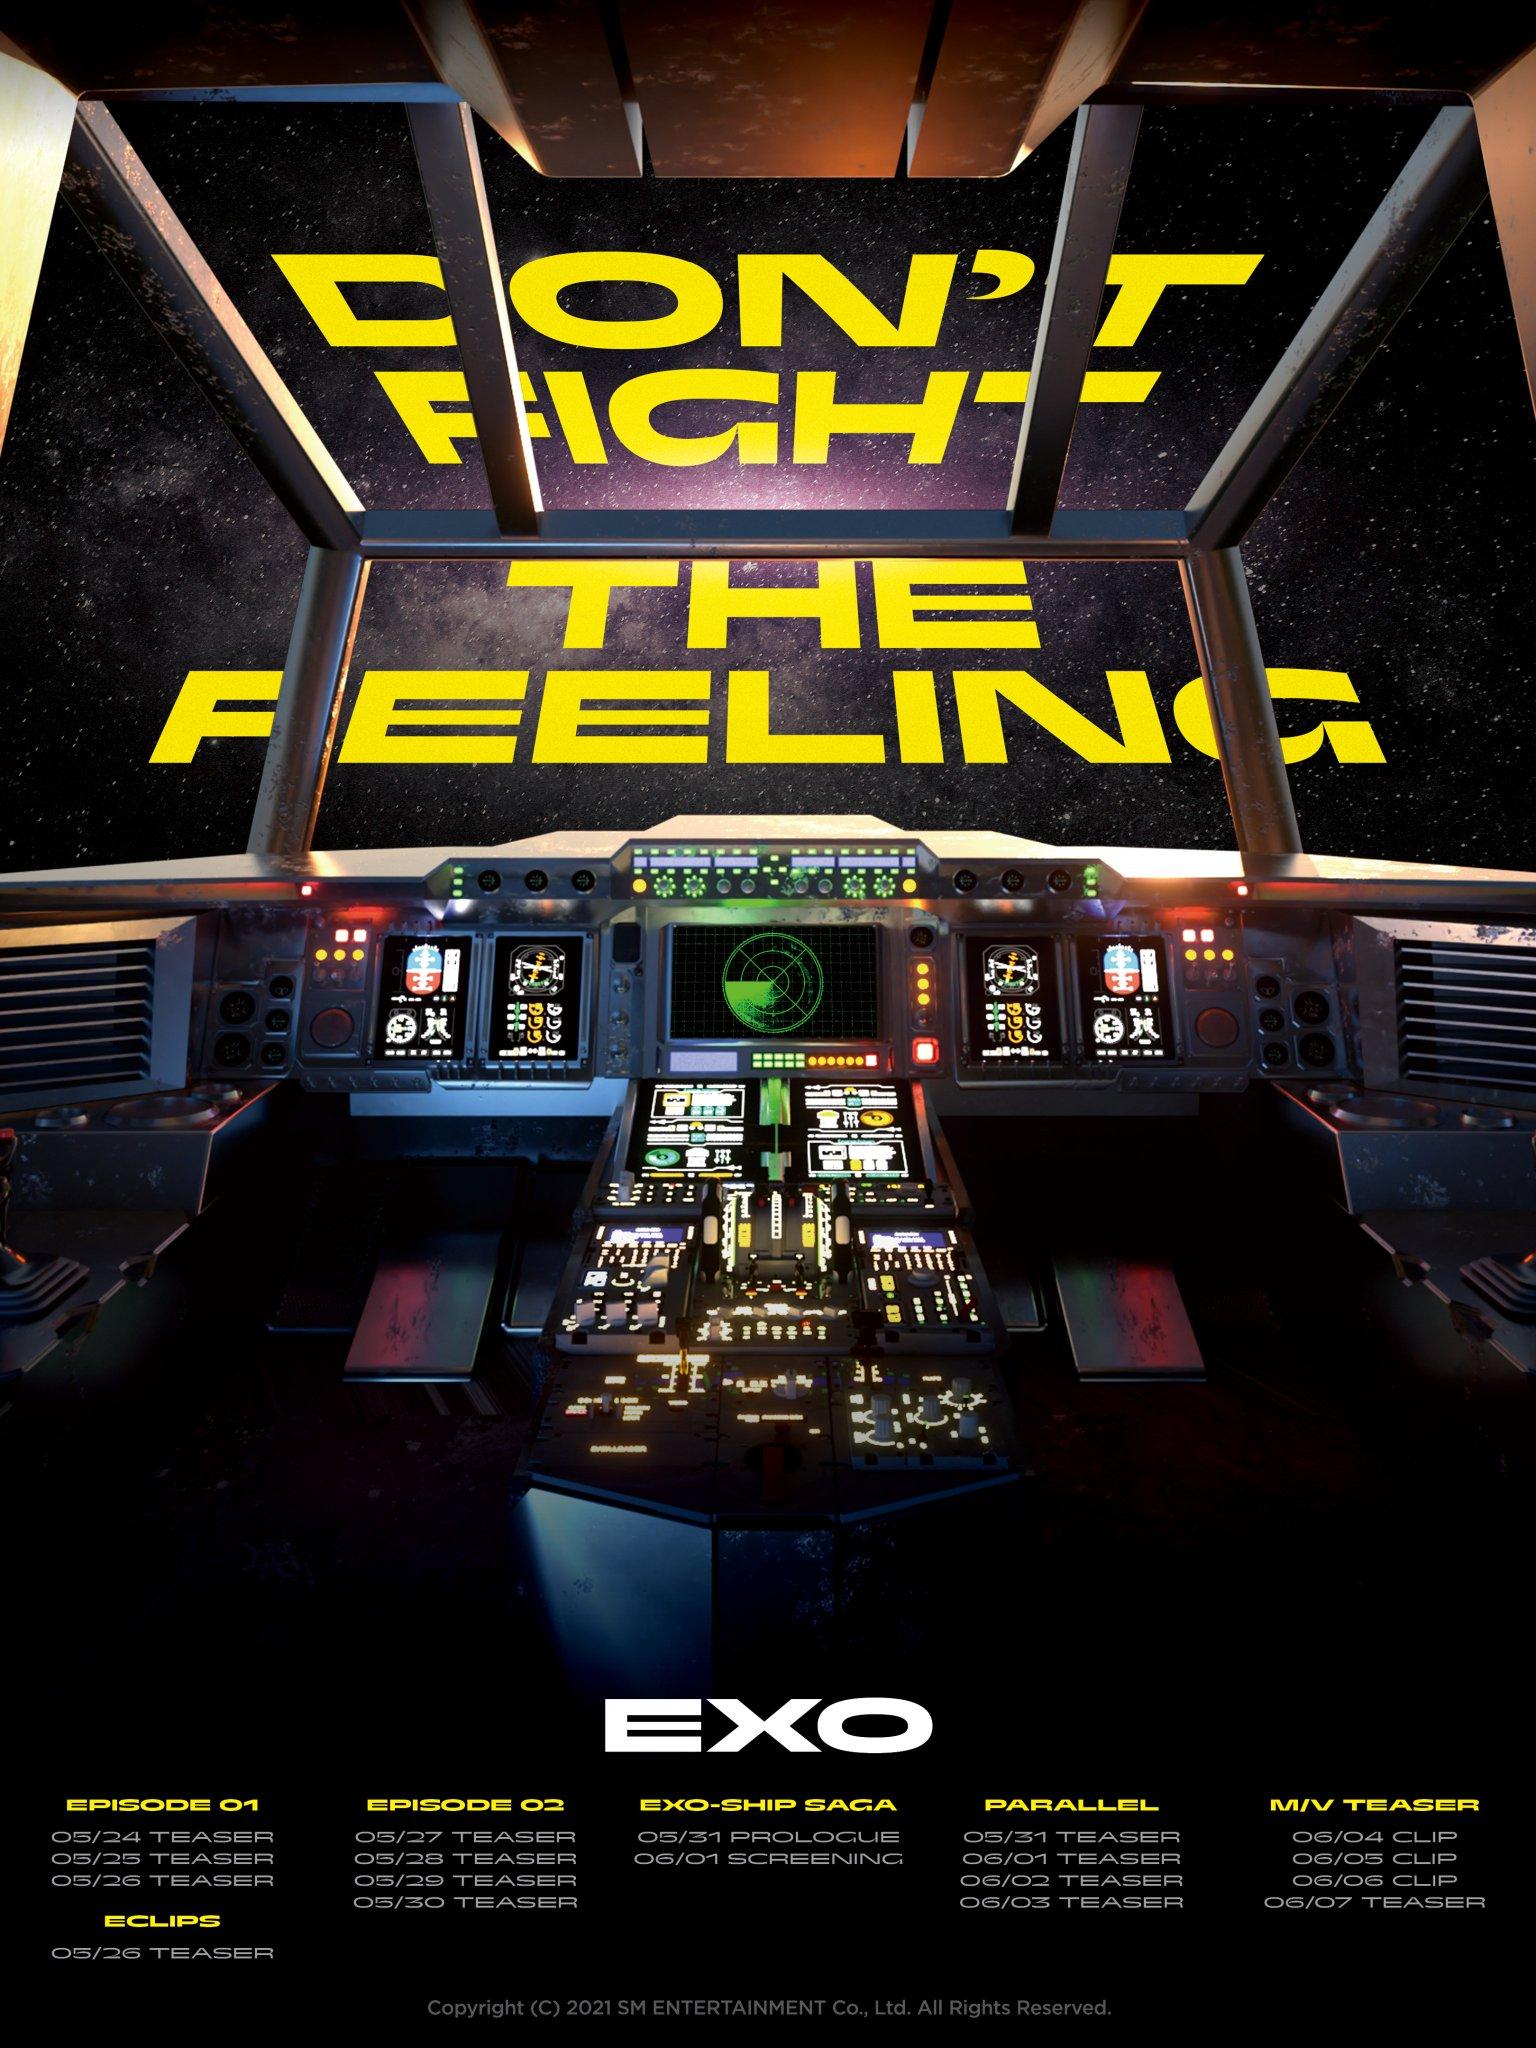 عودة EXO بأغنية Don't Fight the Feeling- الصورة من حساب EXO على تويتر